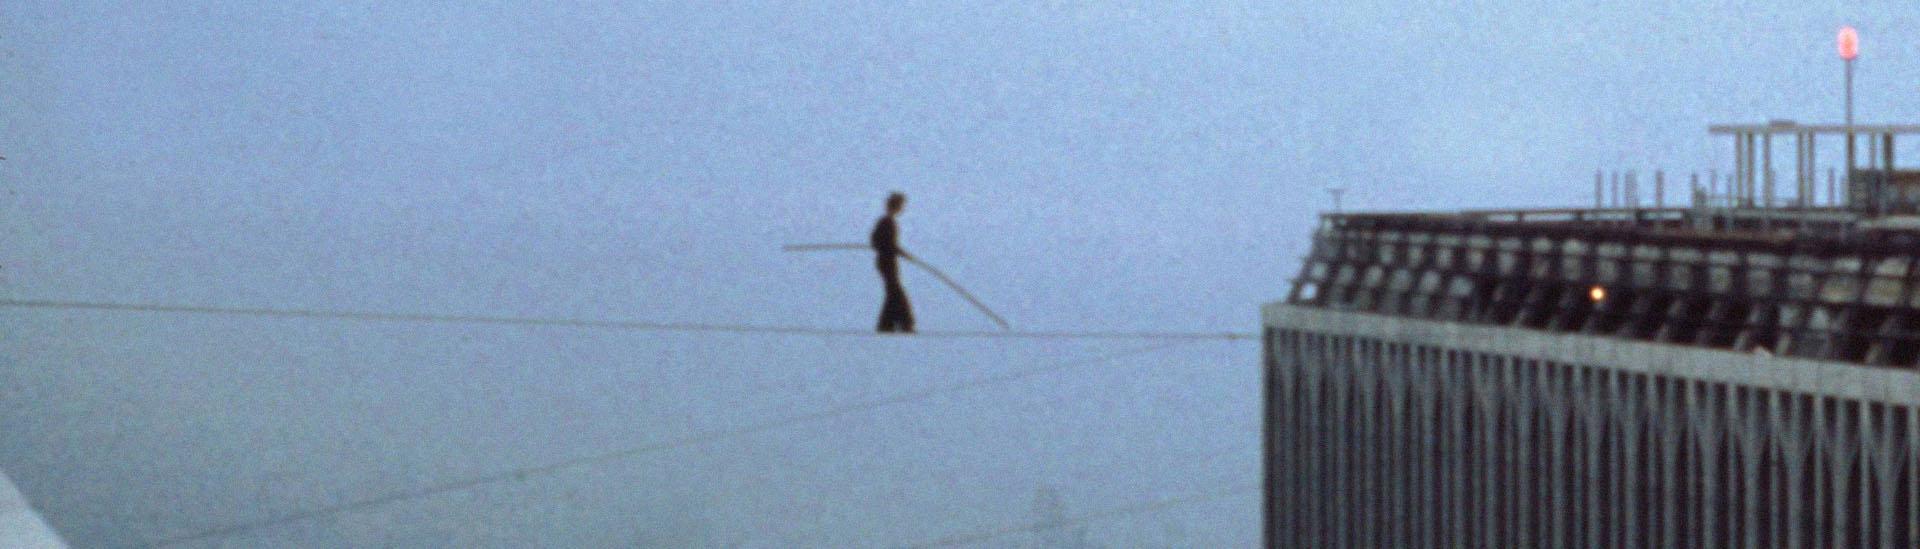 Baner filmu 'Człowiek Na Linie'